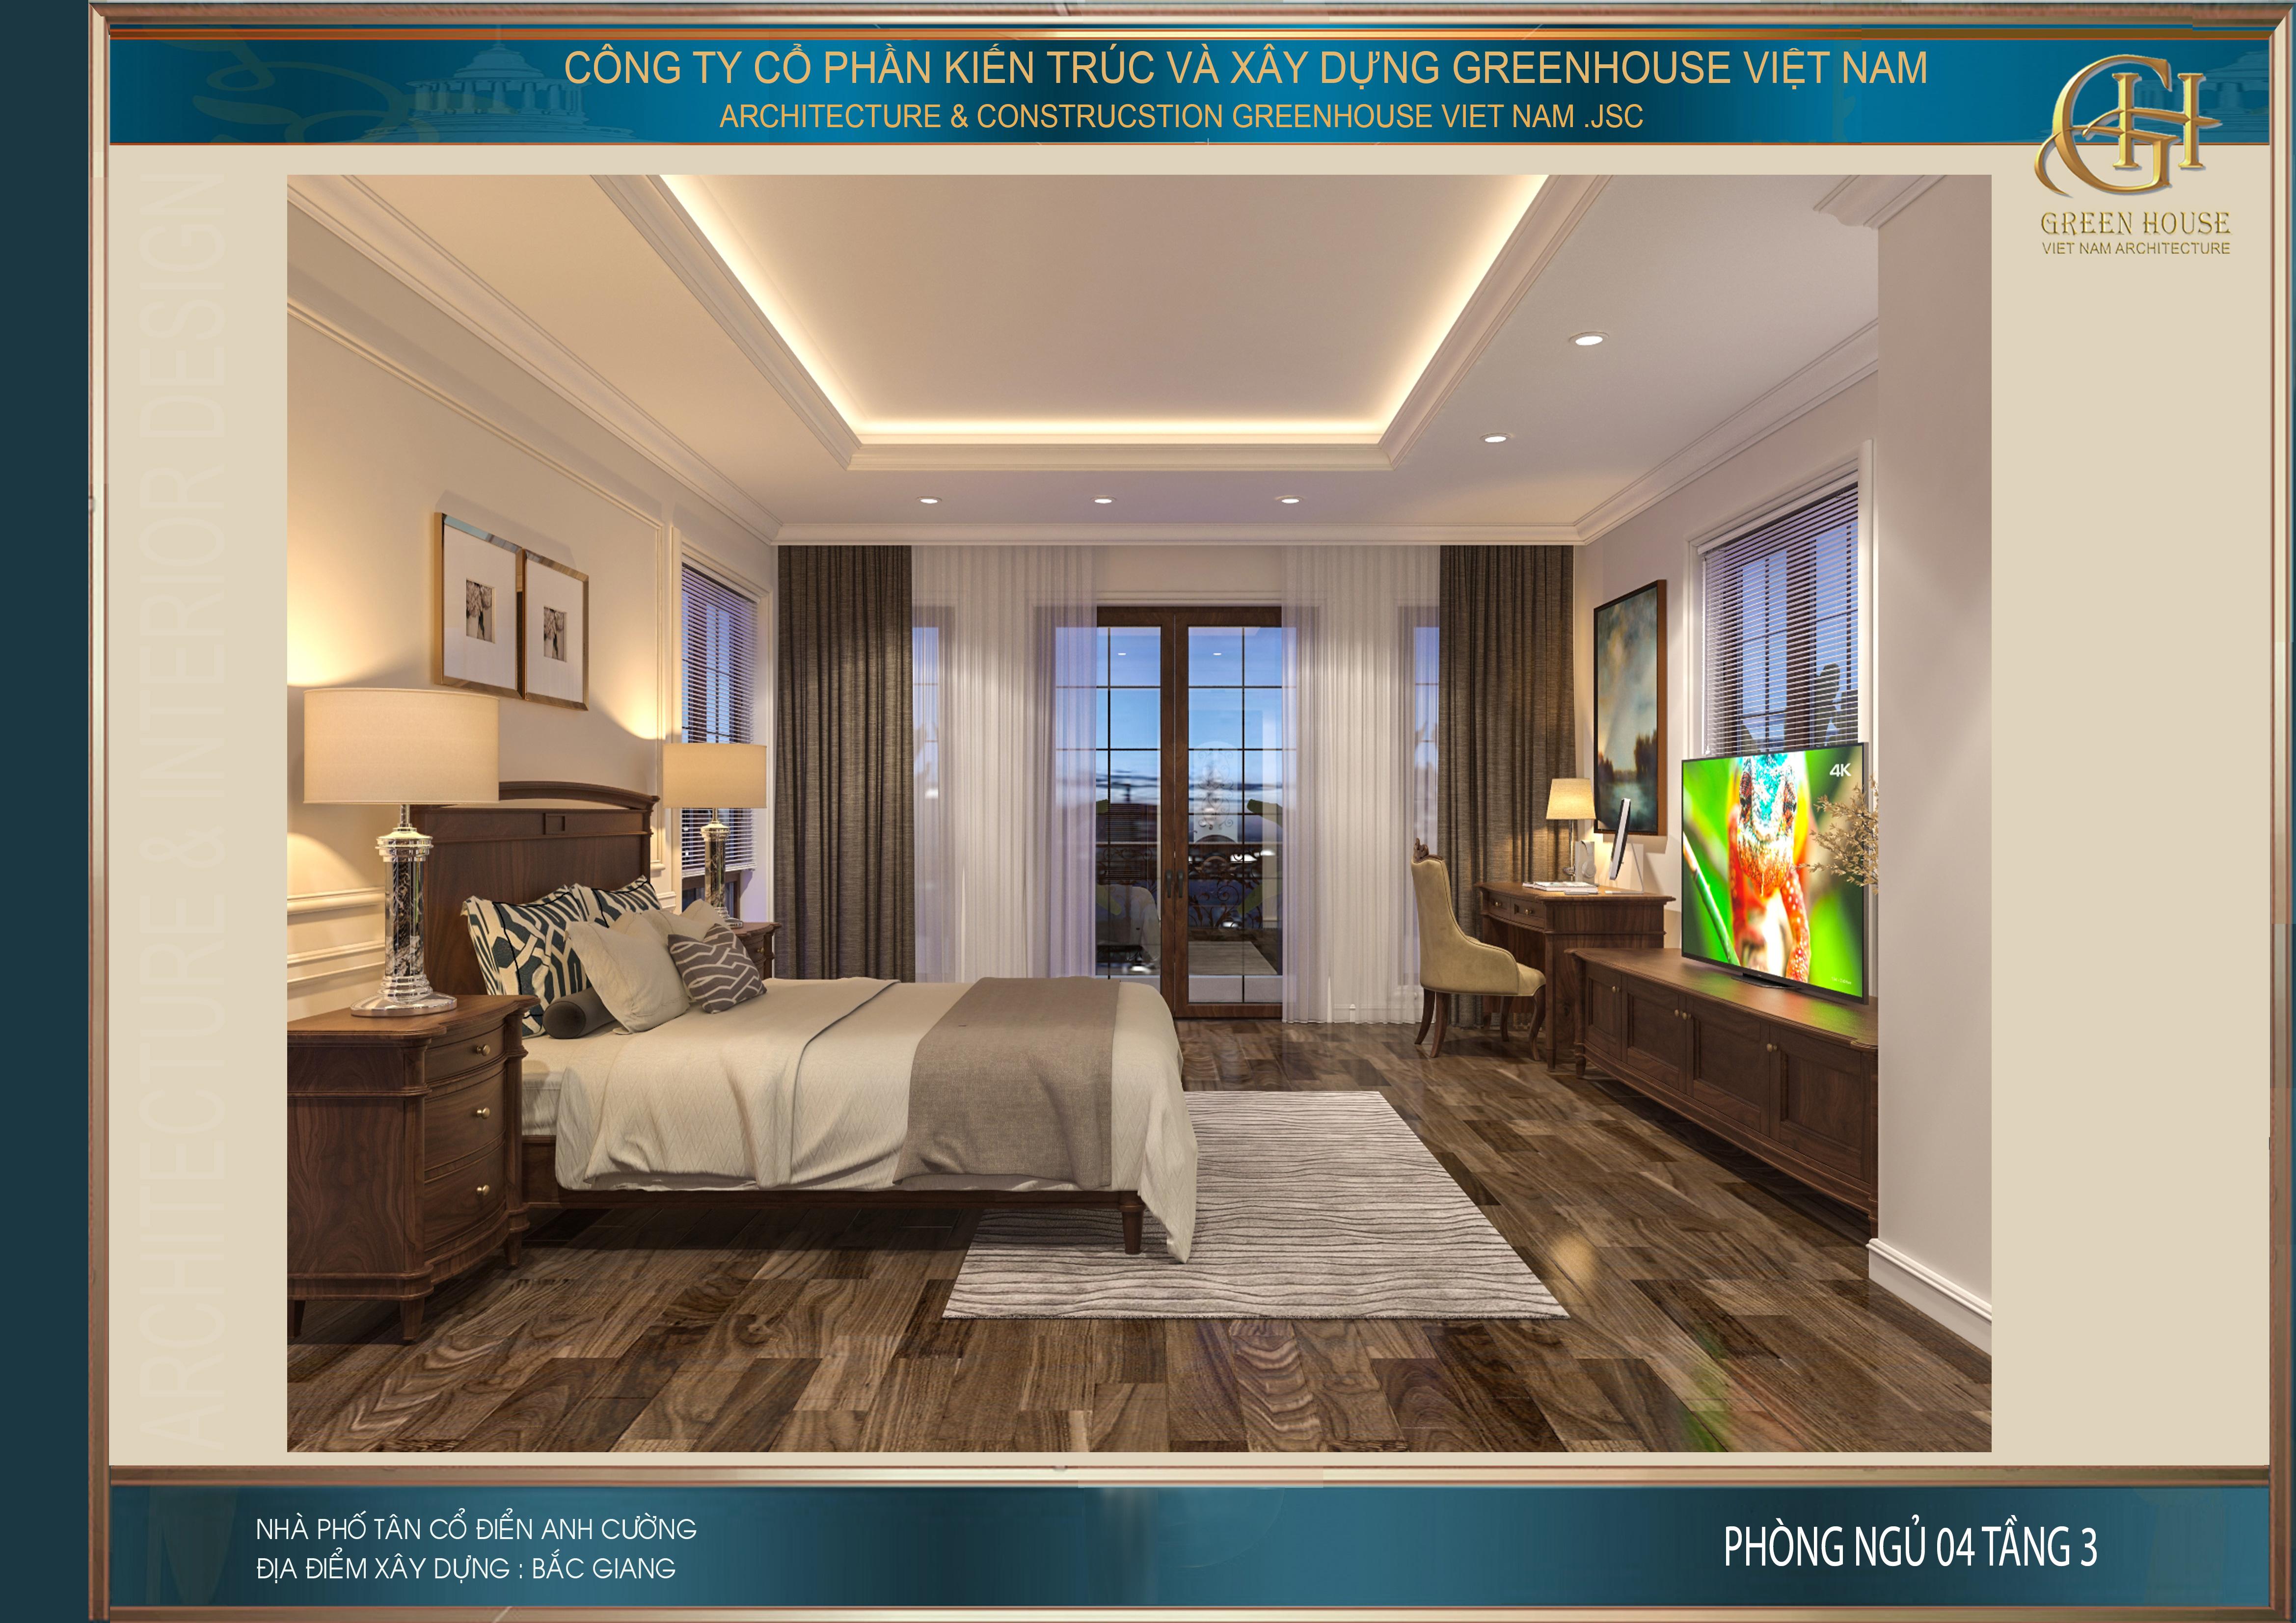 Phòng ngủ trên tầng 3 có thiết kế tương đồng với phòng ngủ tại tầng 1 và tầng 2